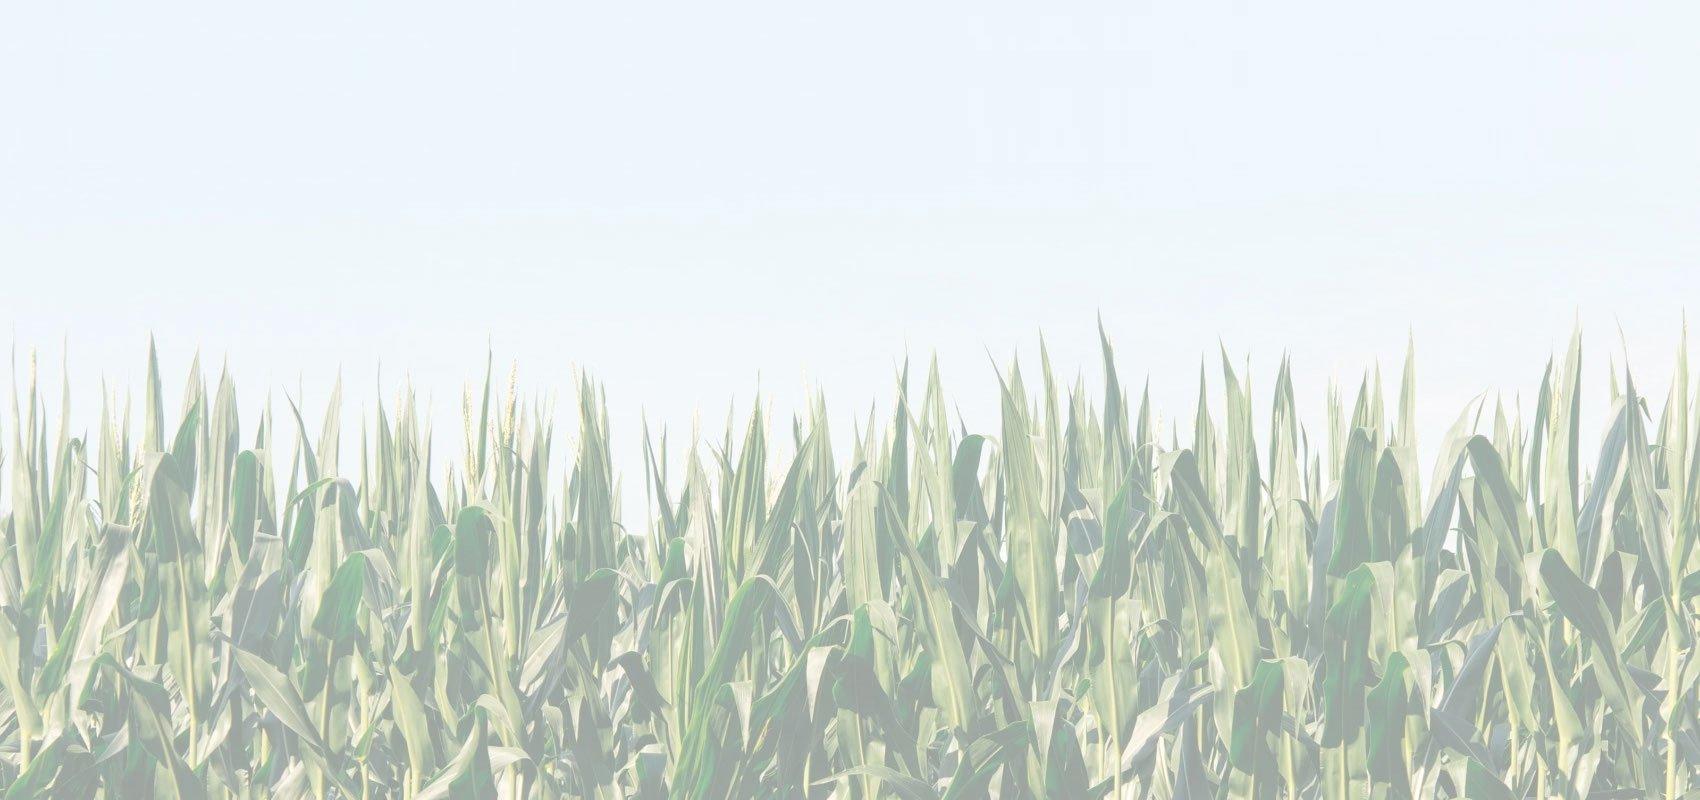 corn-3200x1200-2.jpg